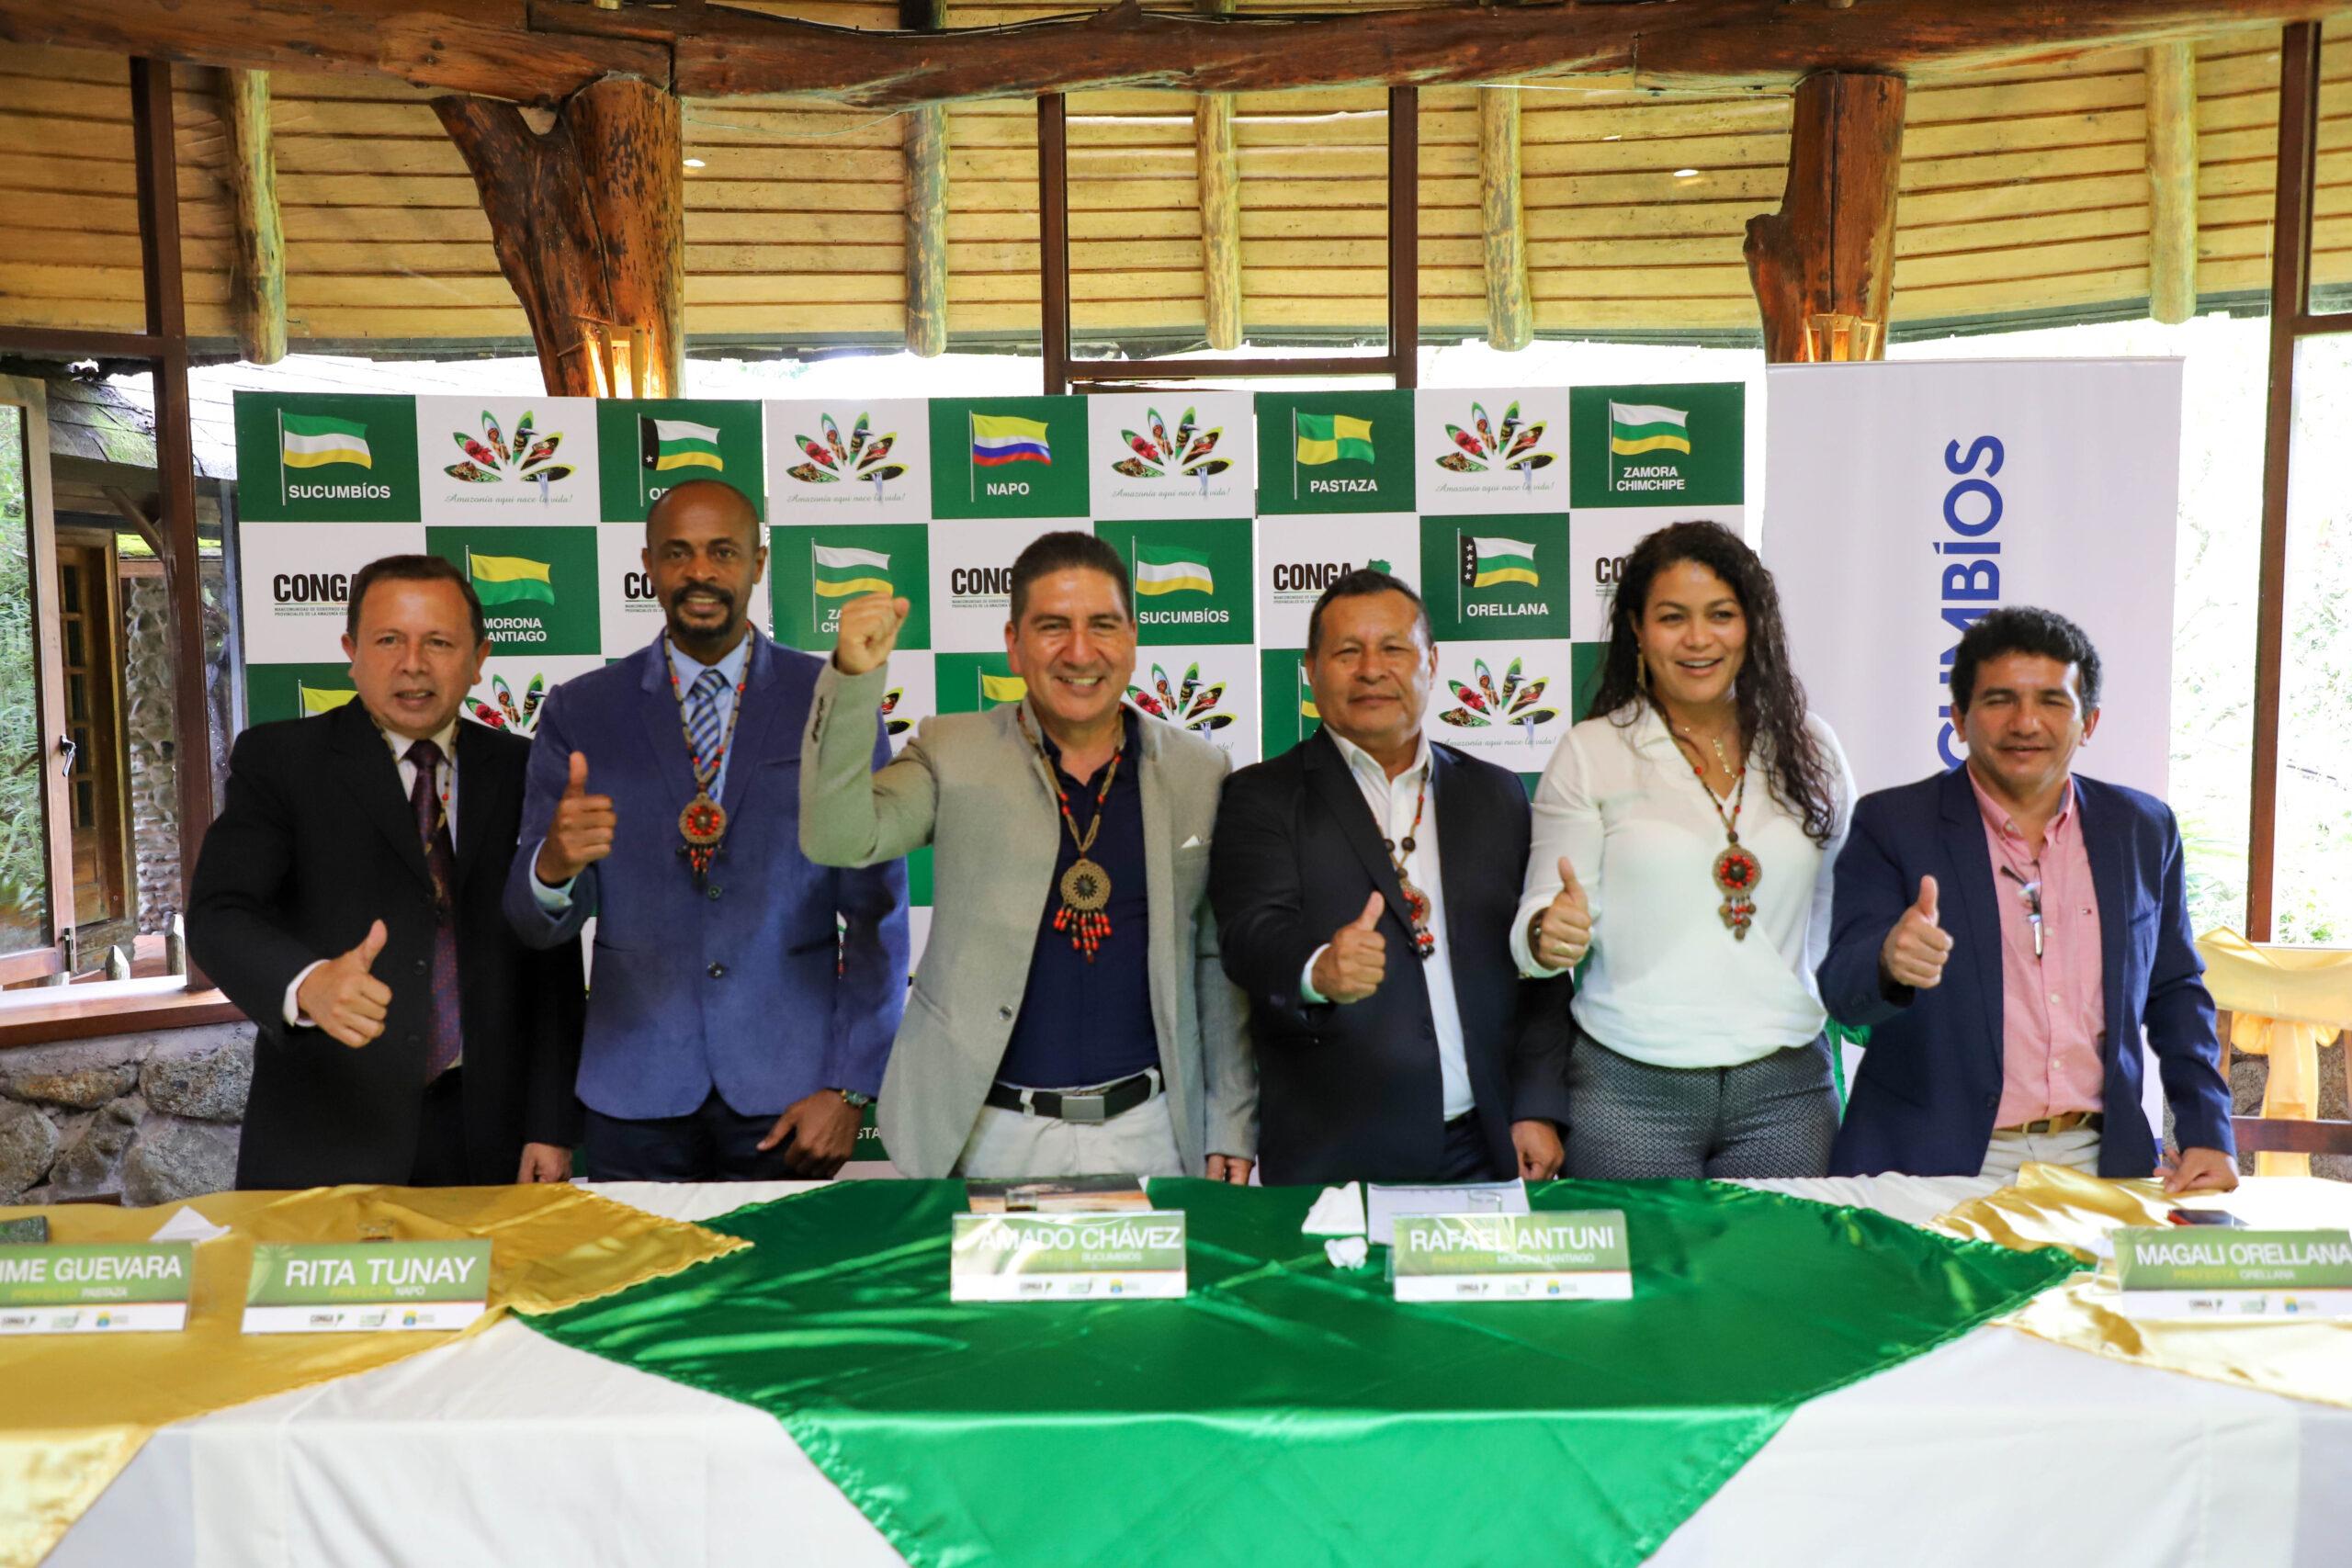 BOLETÍN N° 00032-2021. MANCOMUNIDAD DE GOBIERNOS AUTÓNOMOS PROVINCIALES DE LA AMAZONÍA POSESIONA NUEVA DIRECTIVA